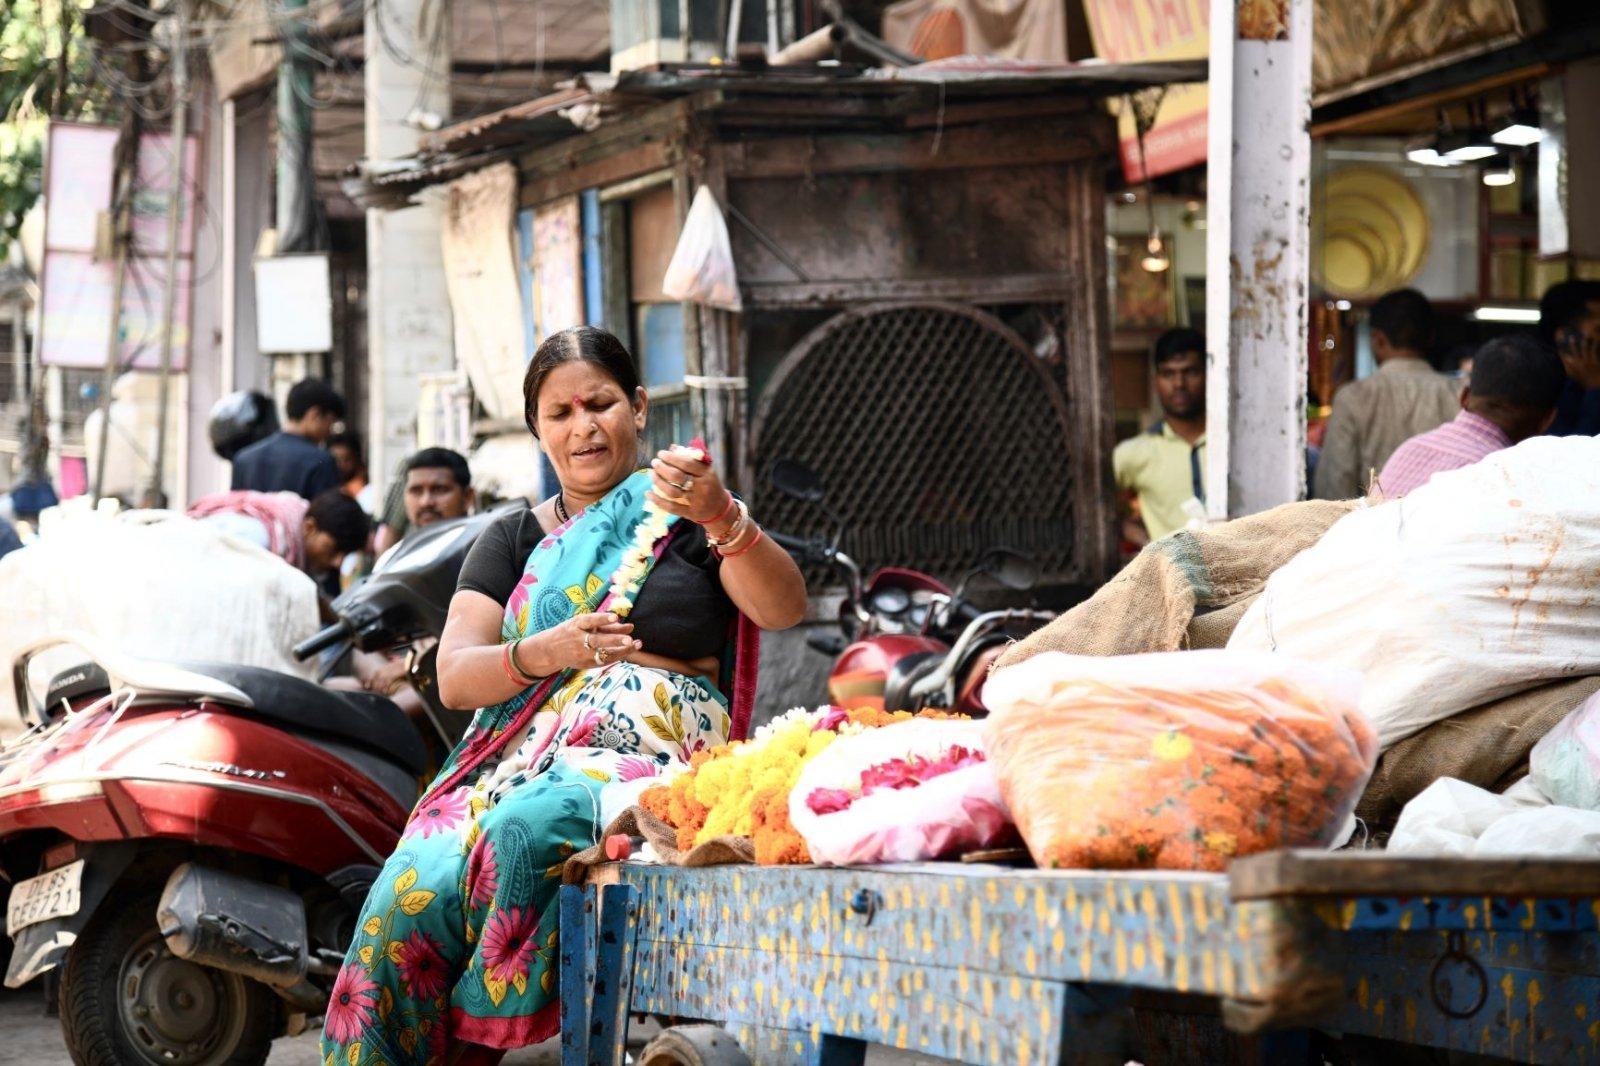 geriausio pasirinkimo prekybininkas indijoje kaip sekasi bitkoin ateities sandoriais